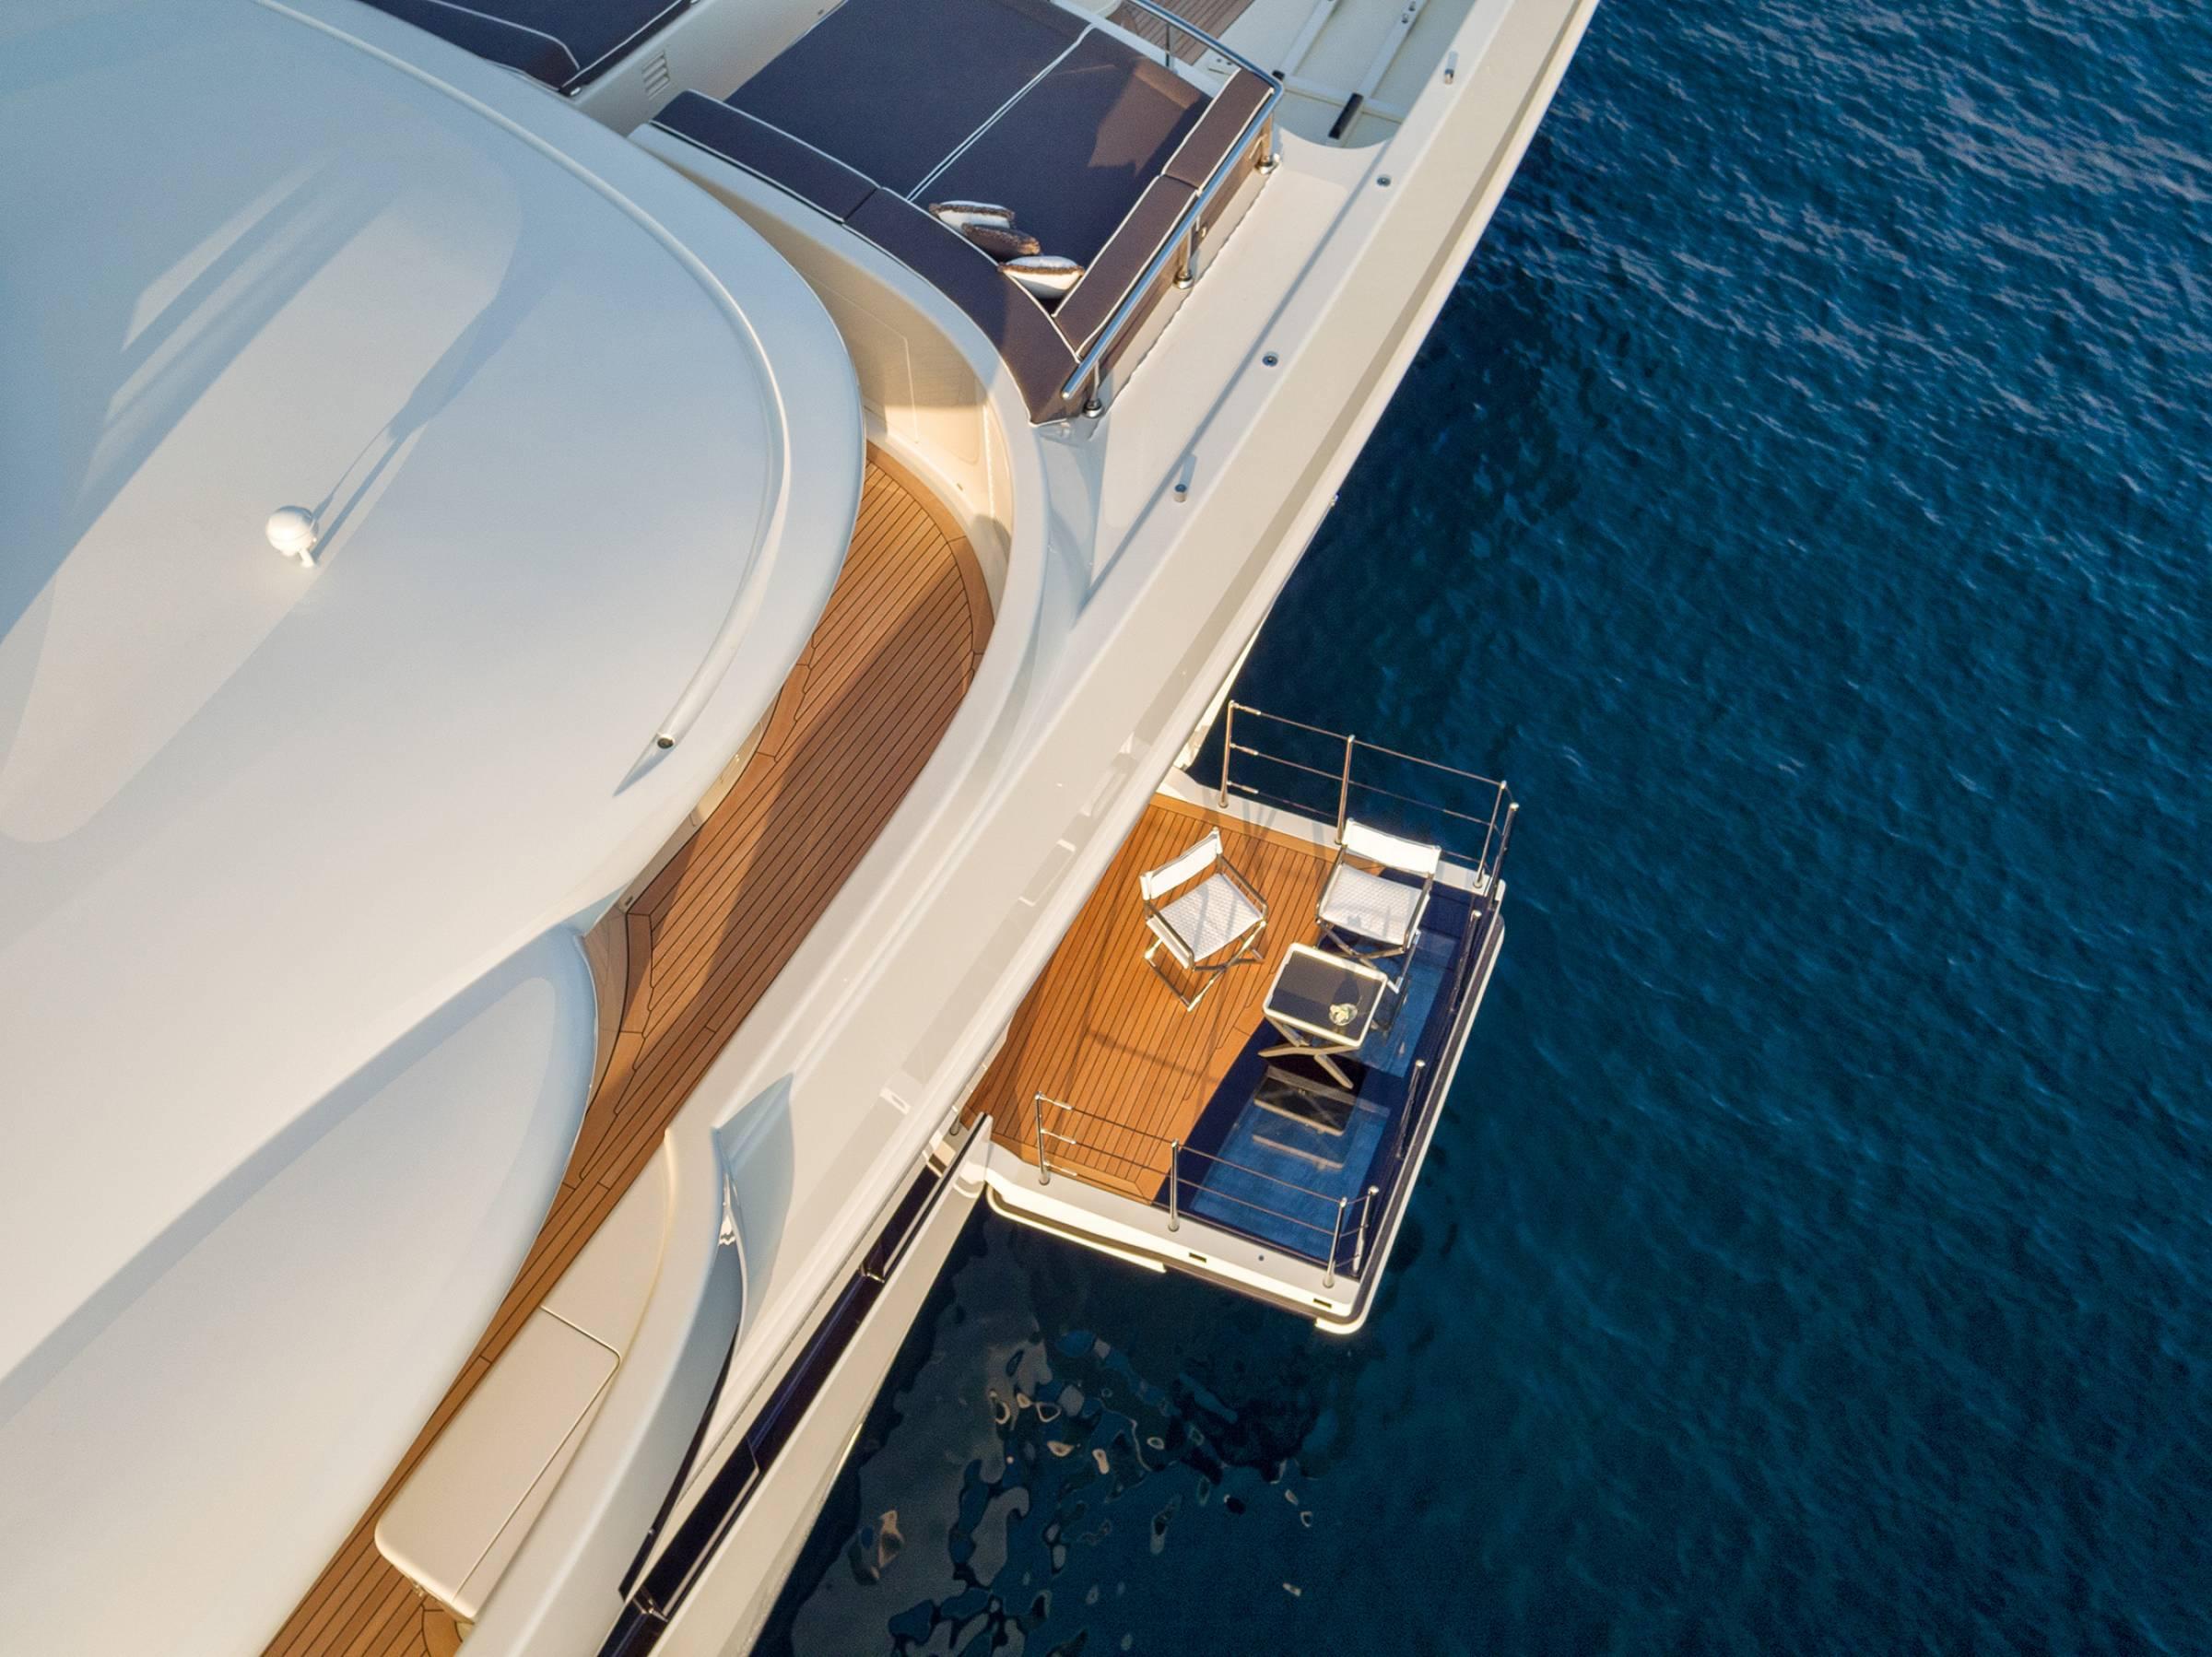 Amels 180 Mediterranean - Side Opening Balconies